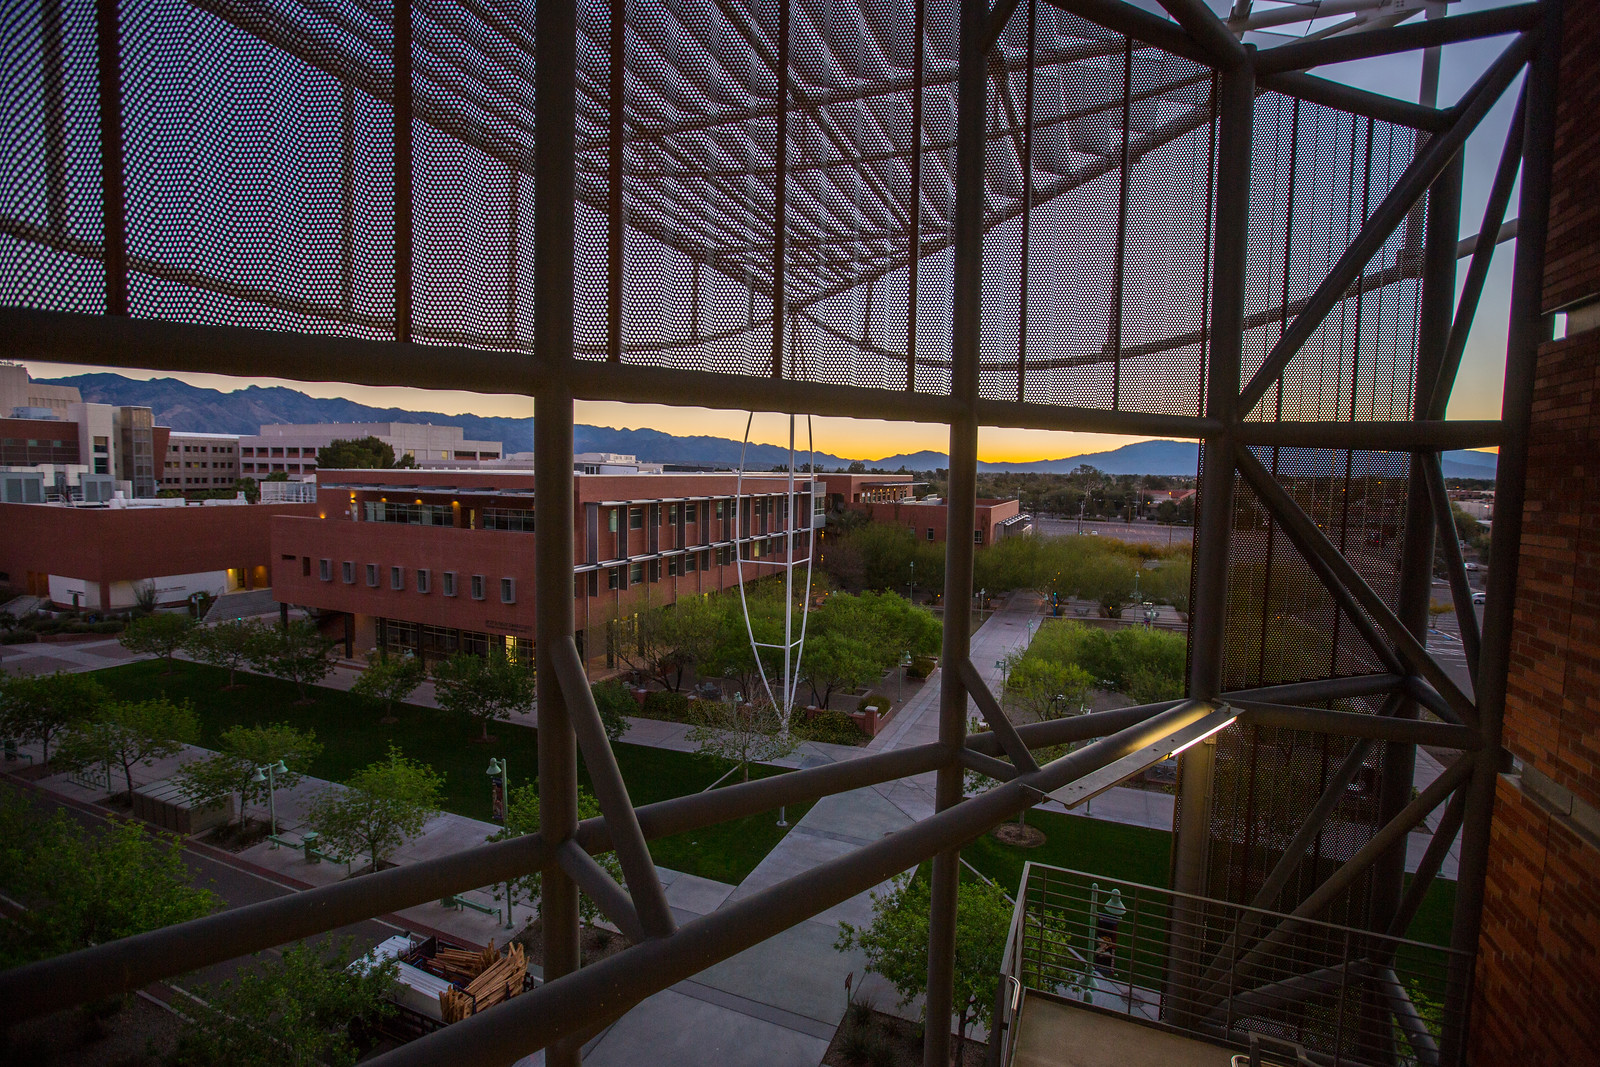 Bio5 Institute during sunset